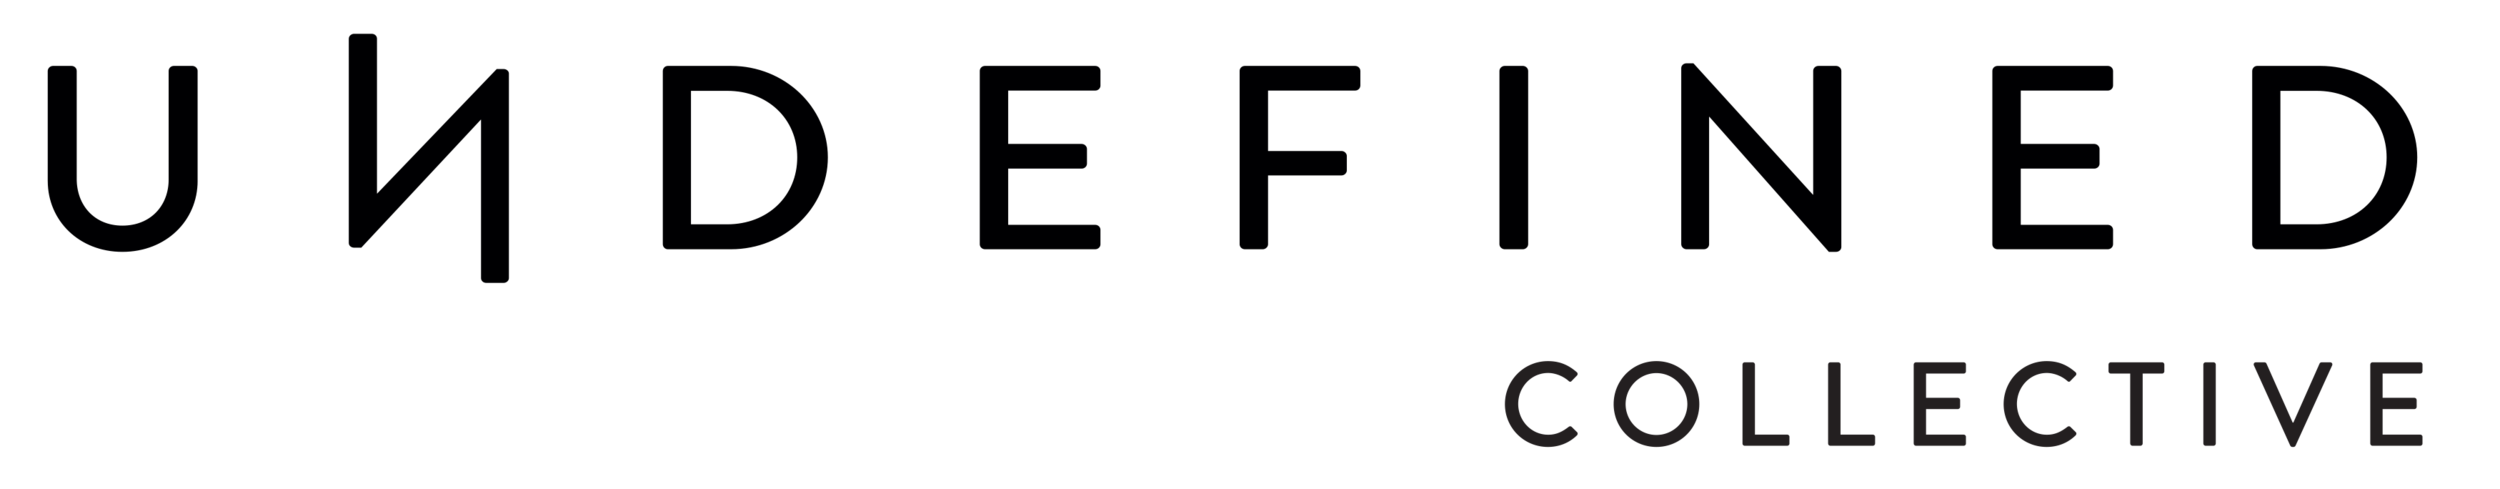 UDFC-logo_2019-Black.png